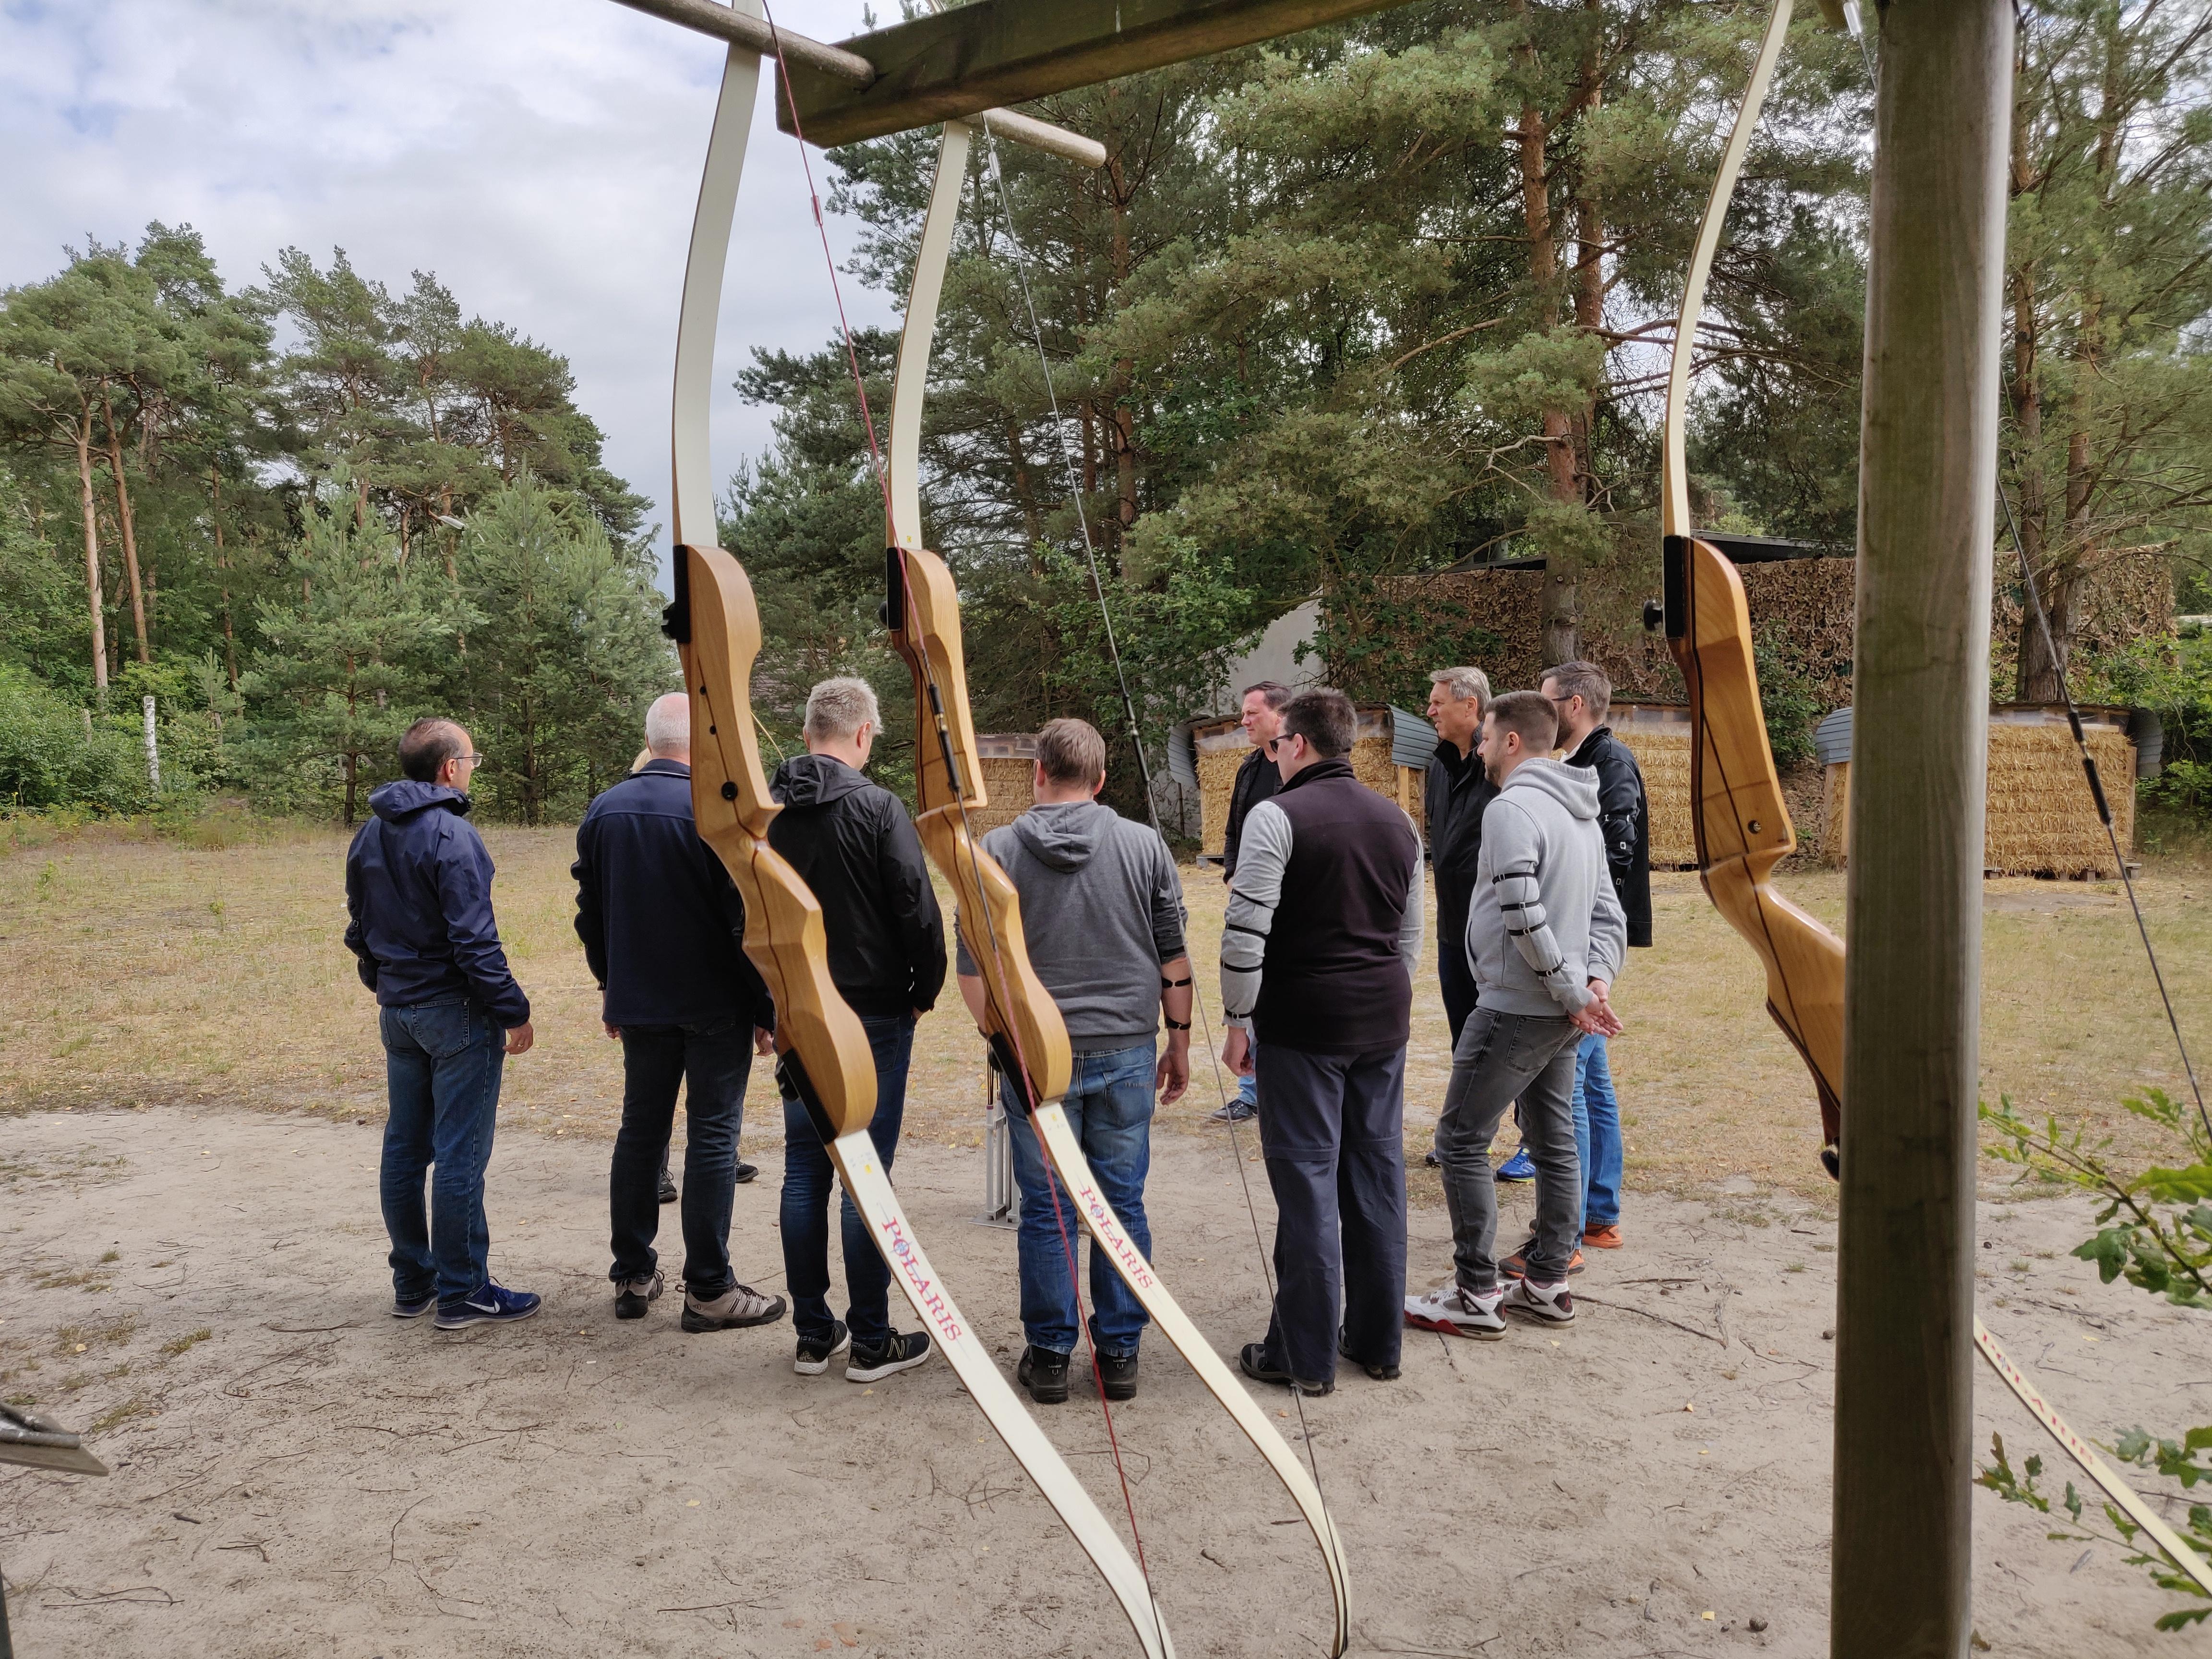 Archery DEHA